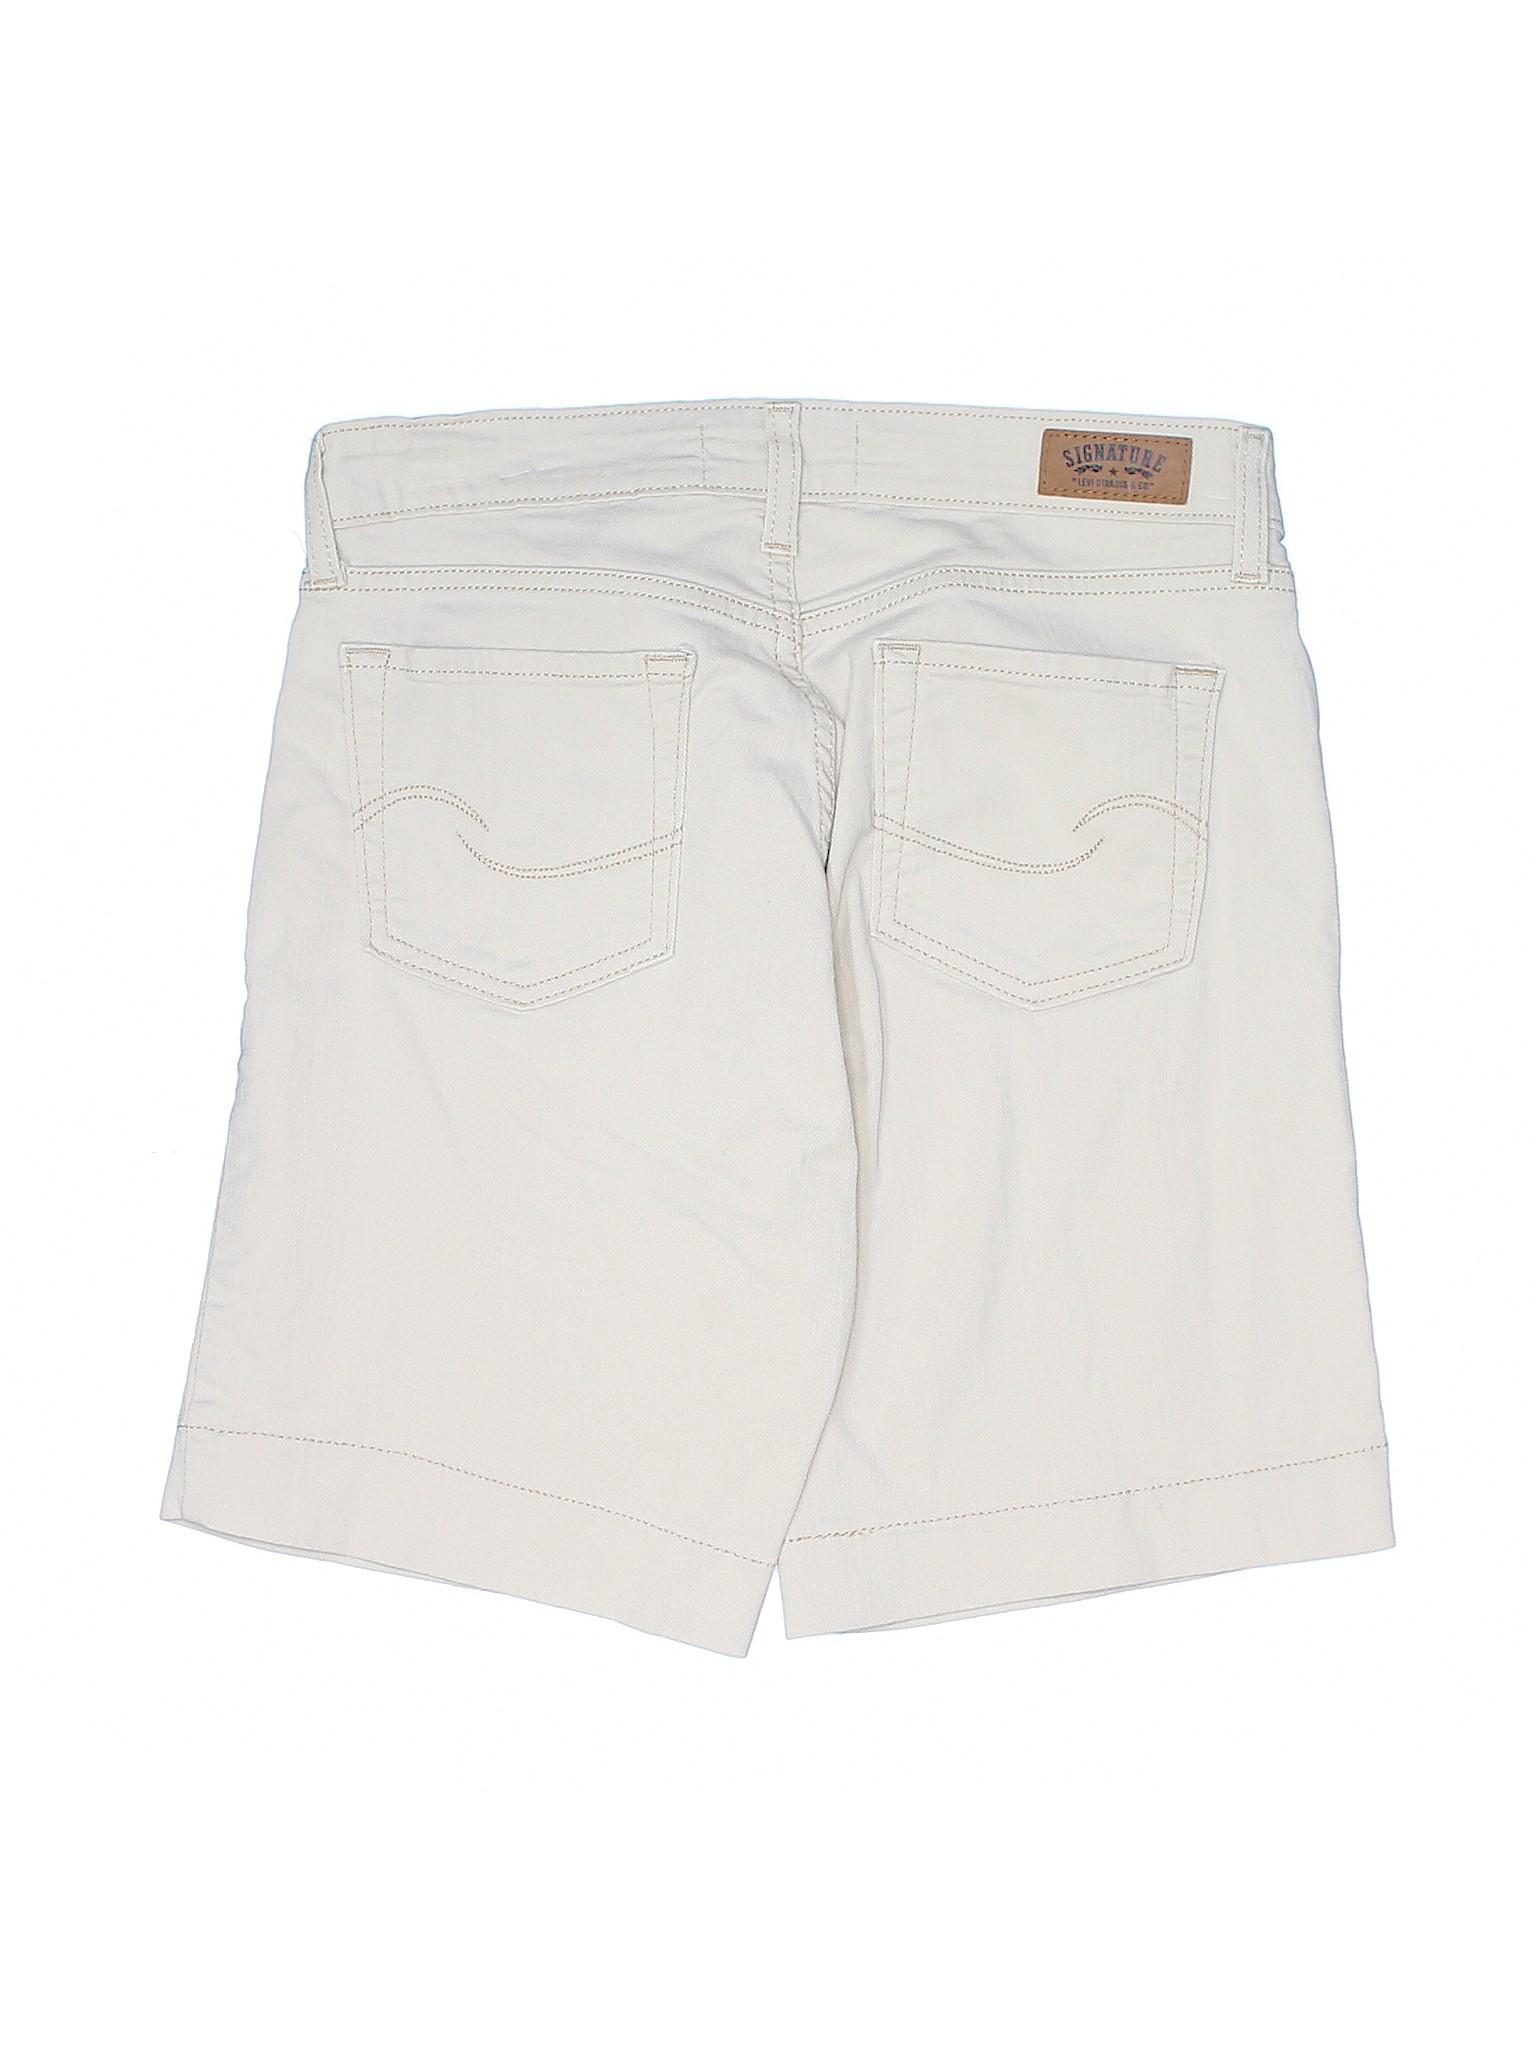 Levi's Shorts Levi's Levi's Denim Shorts Denim Boutique Boutique Boutique 8EwzZq4